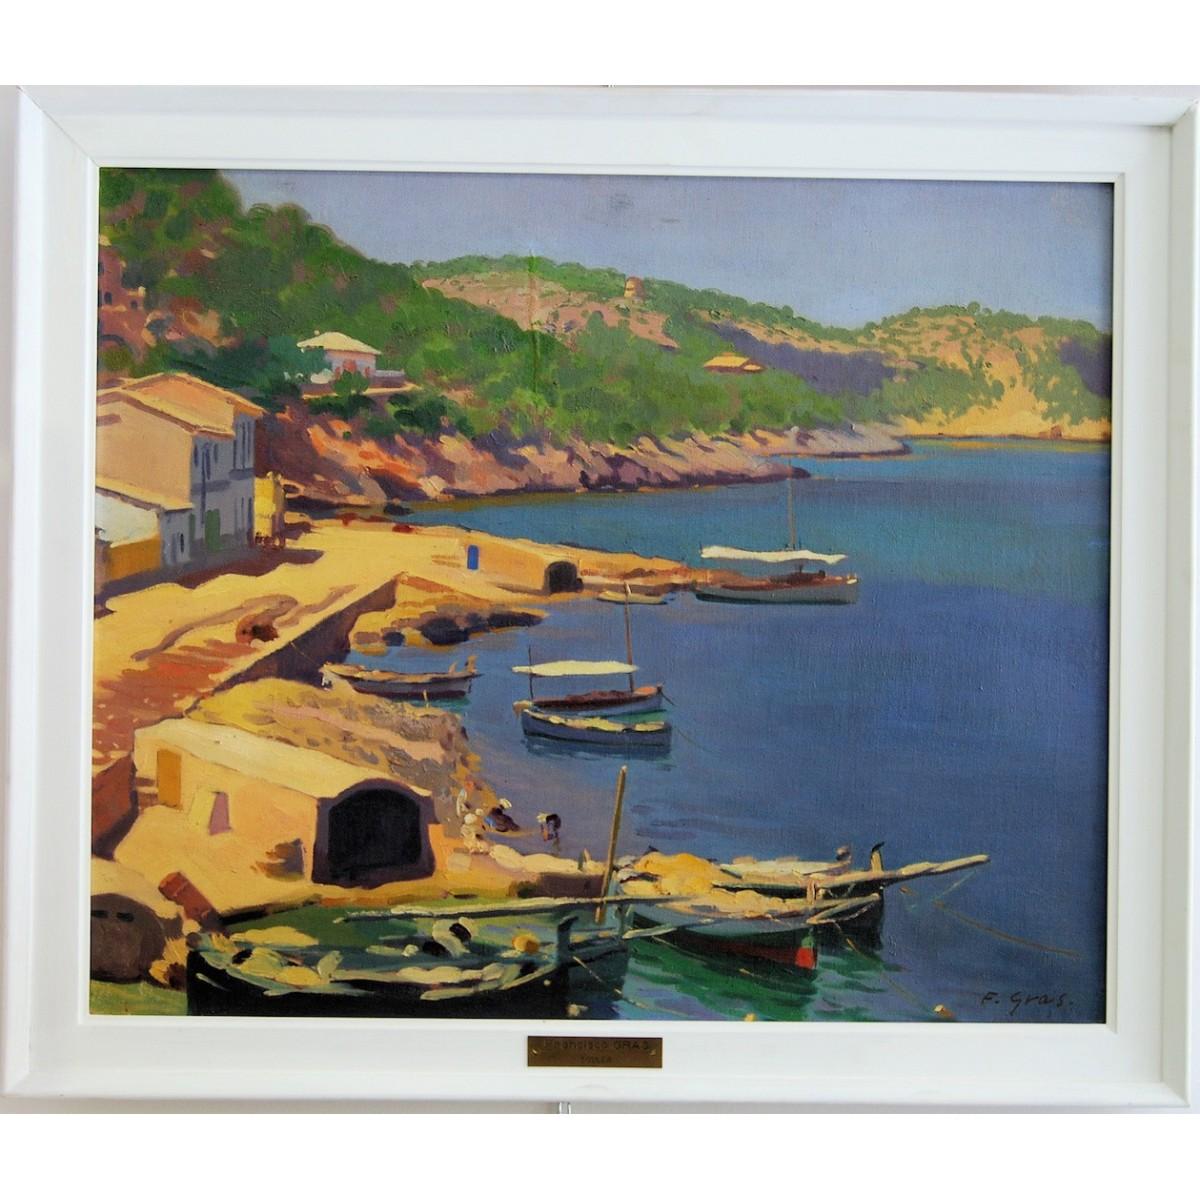 Francisco Gras (Valencia 1897 - 1941), Puerto Sóller (Mallorca), oleo sobre lienzo.